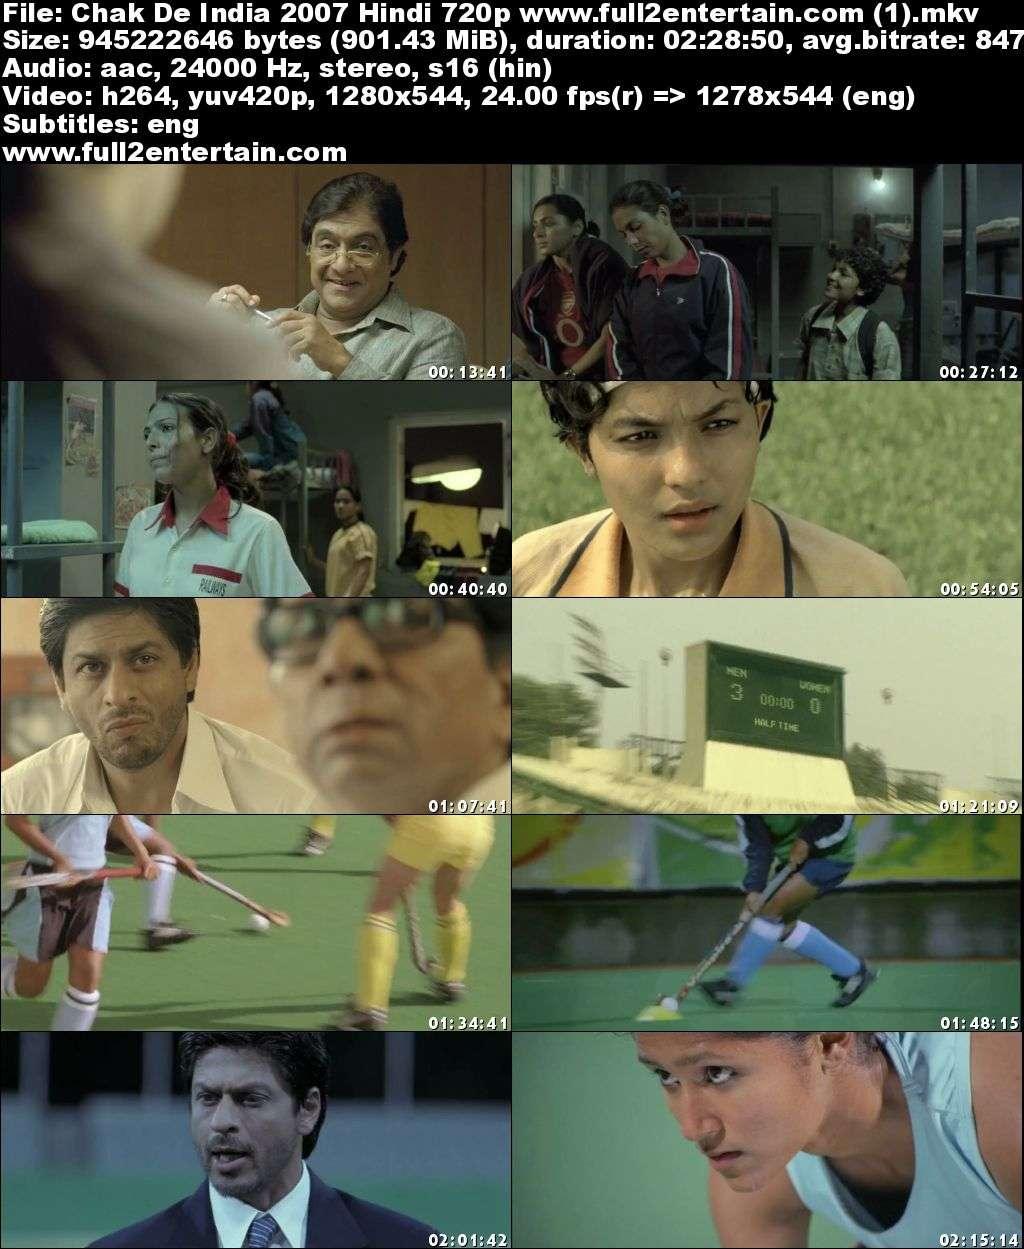 Download Chak De India 2007 Hindi 720p Bluray 900mb Mkv